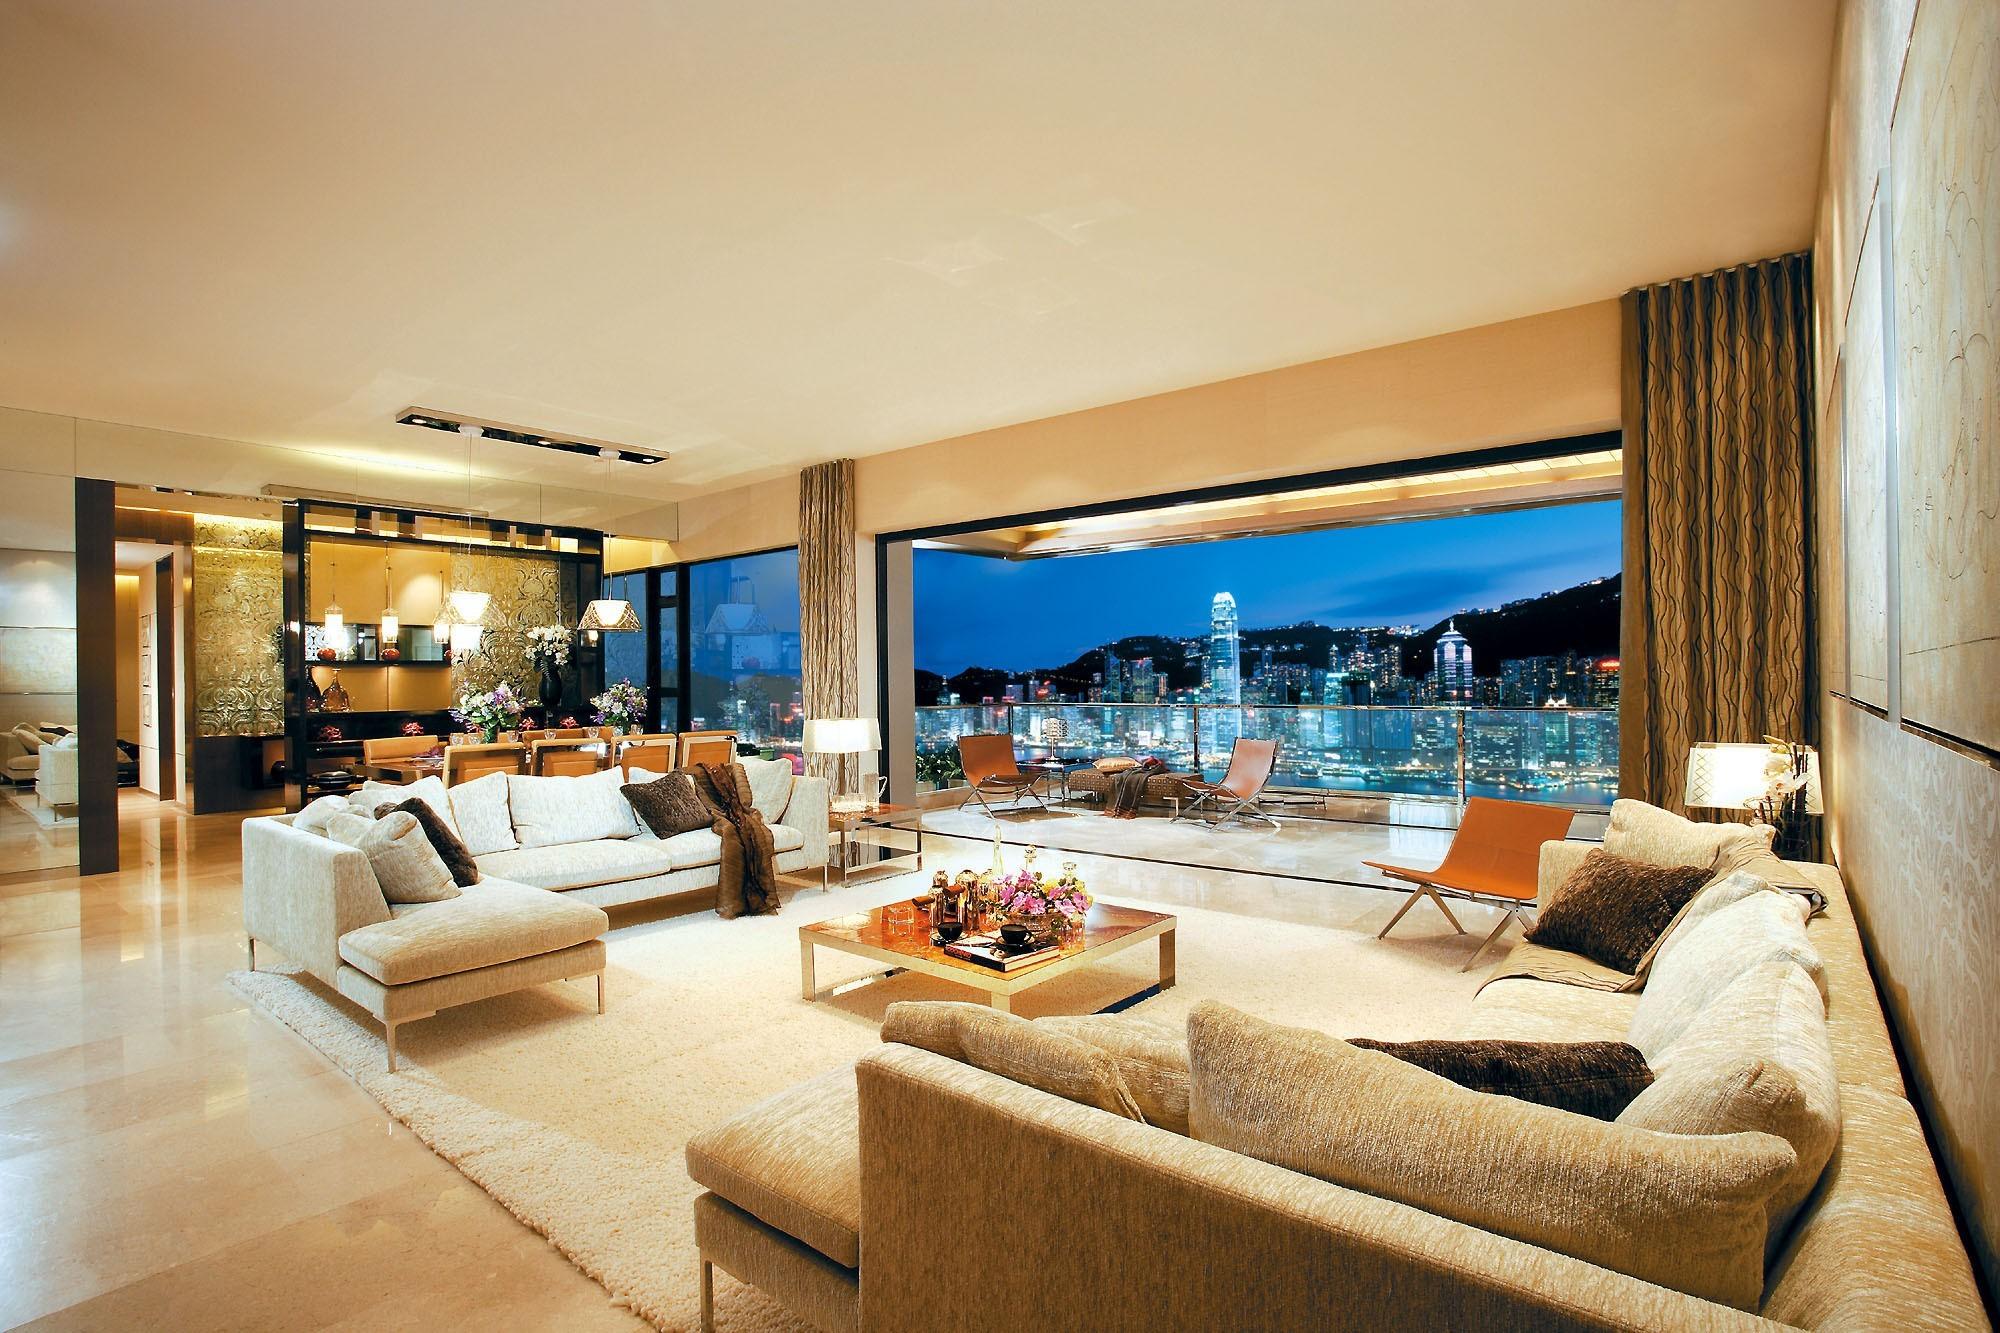 room-indoors-resort-interior-design-estate-lobby-home-apartment-condominium-villa-mansion-property-real-estate-living-room-suite-186846